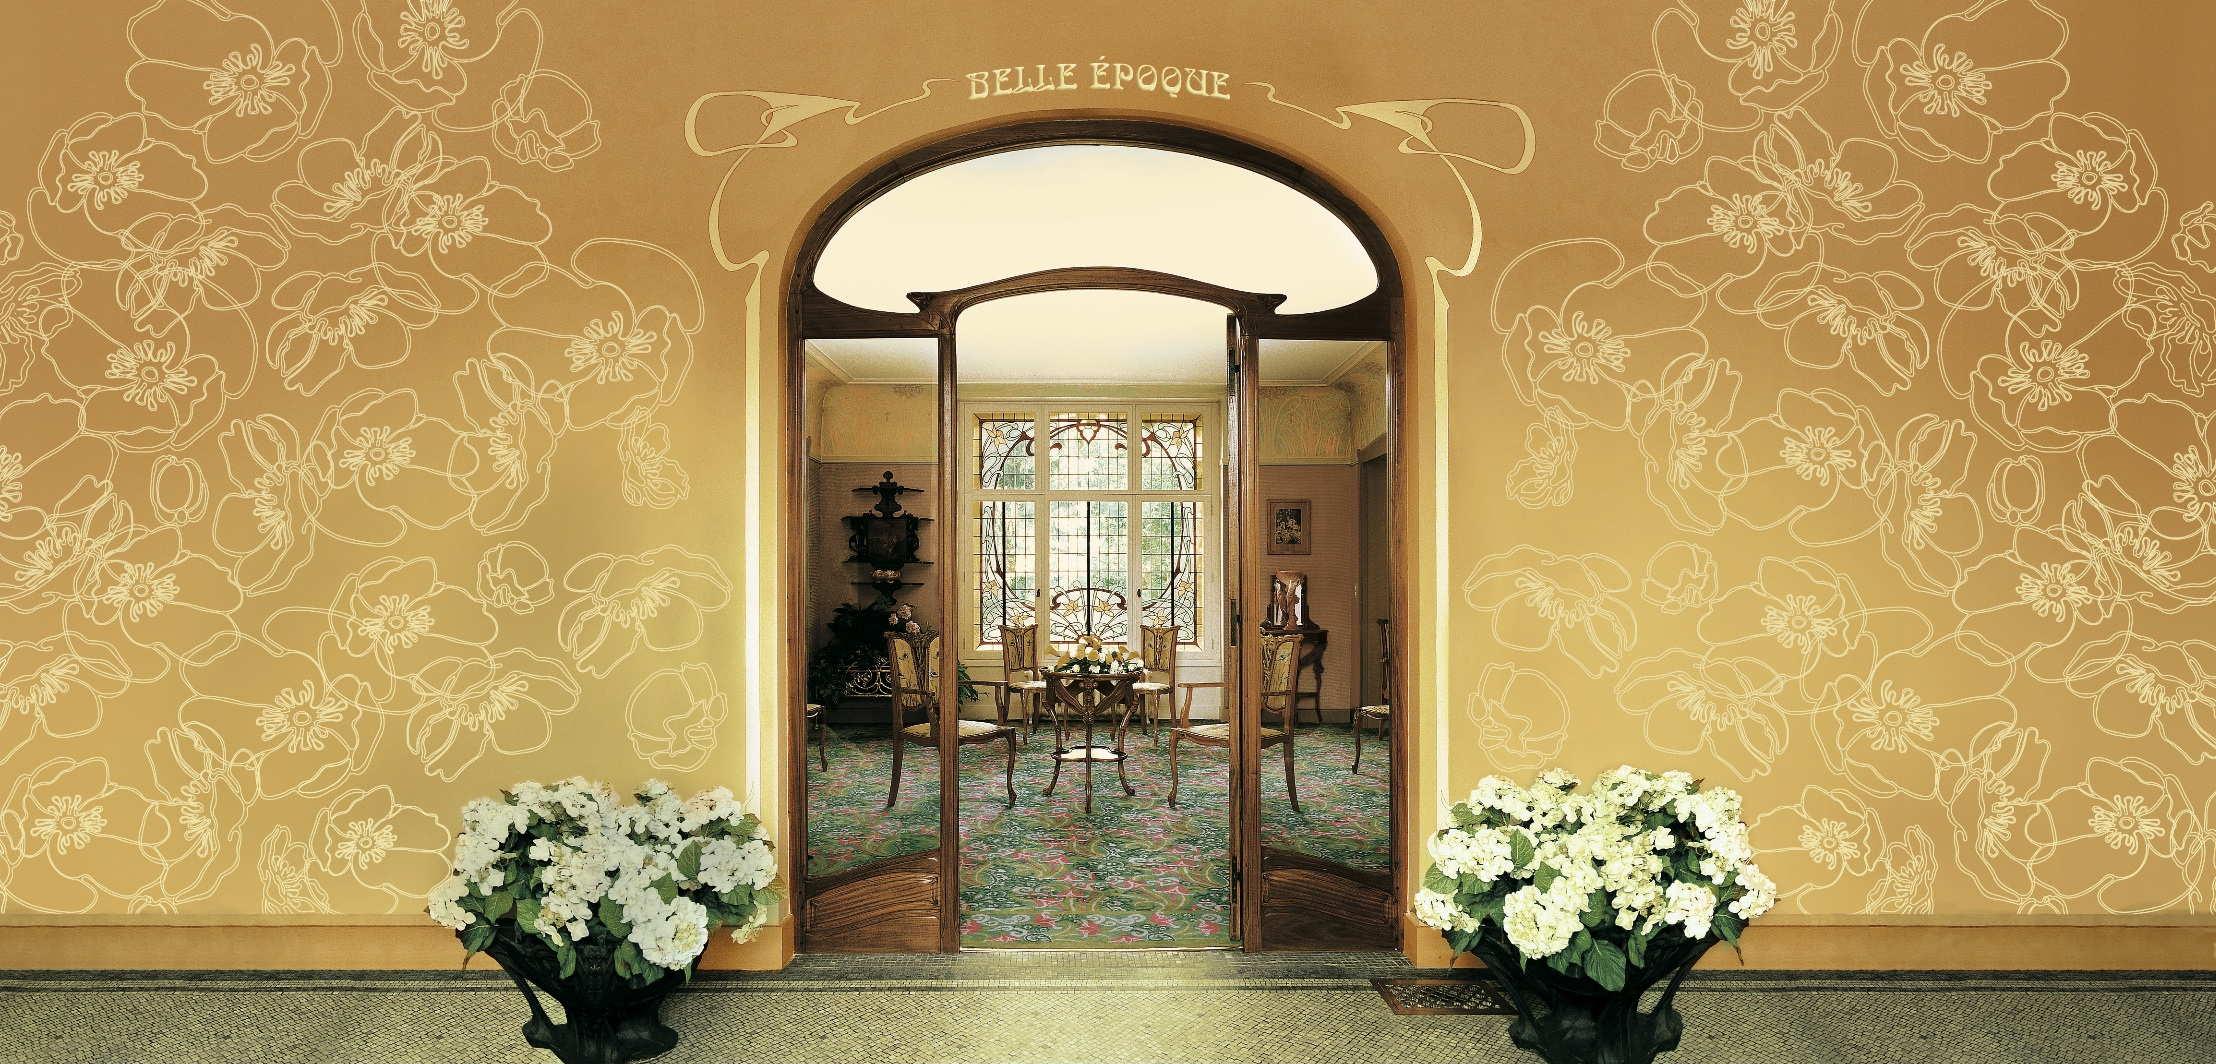 Crappola - Belle epoque interiors ...